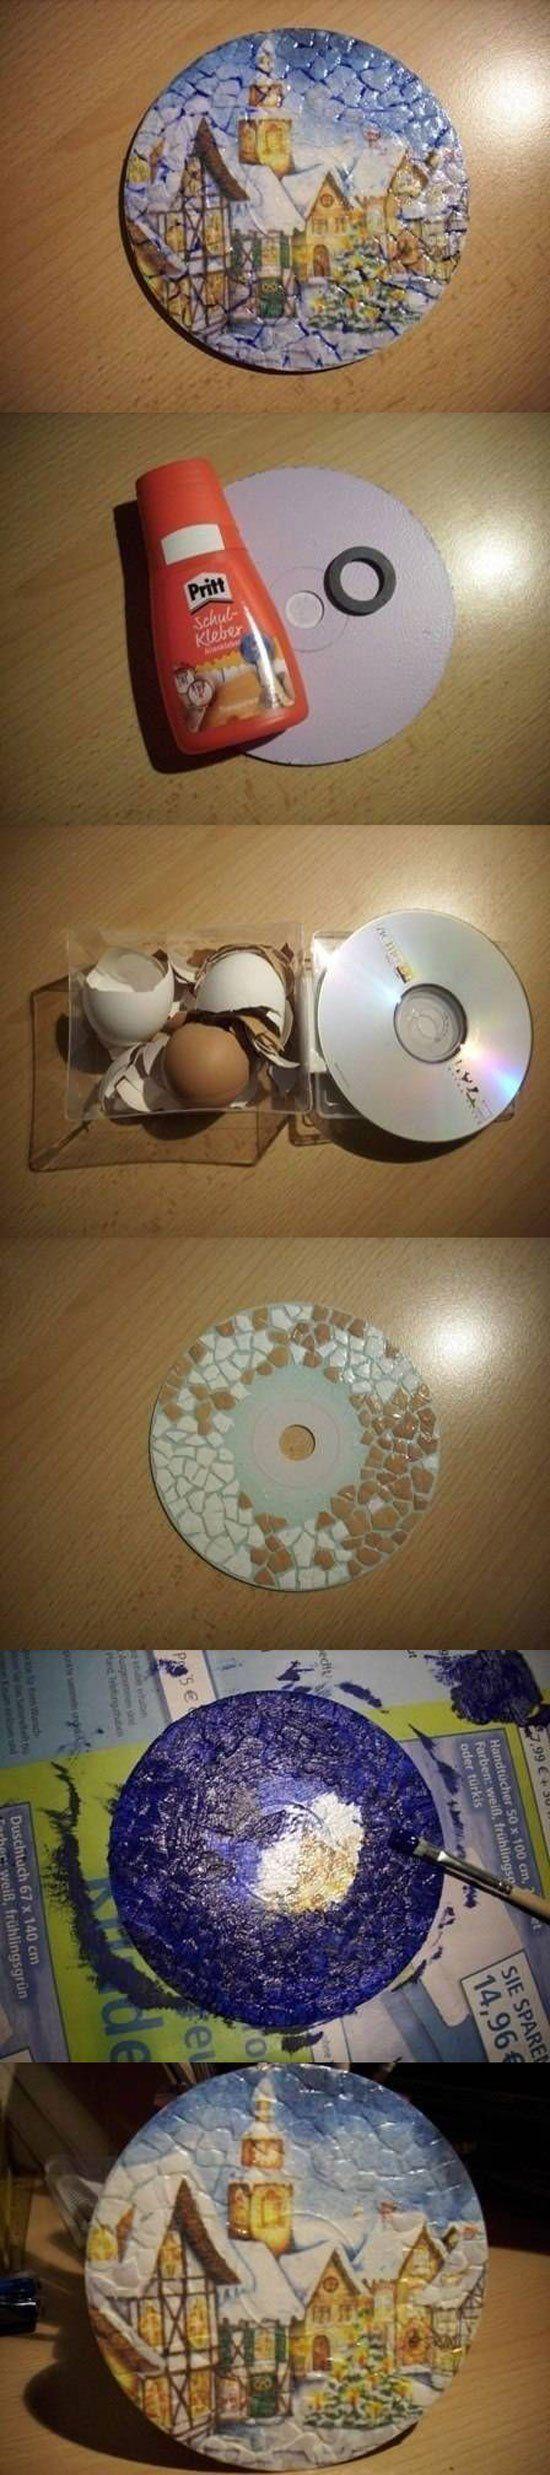 Ao invés de se livrar dele .. 5 ideias inovadoras para tirar partido da casca do ovo